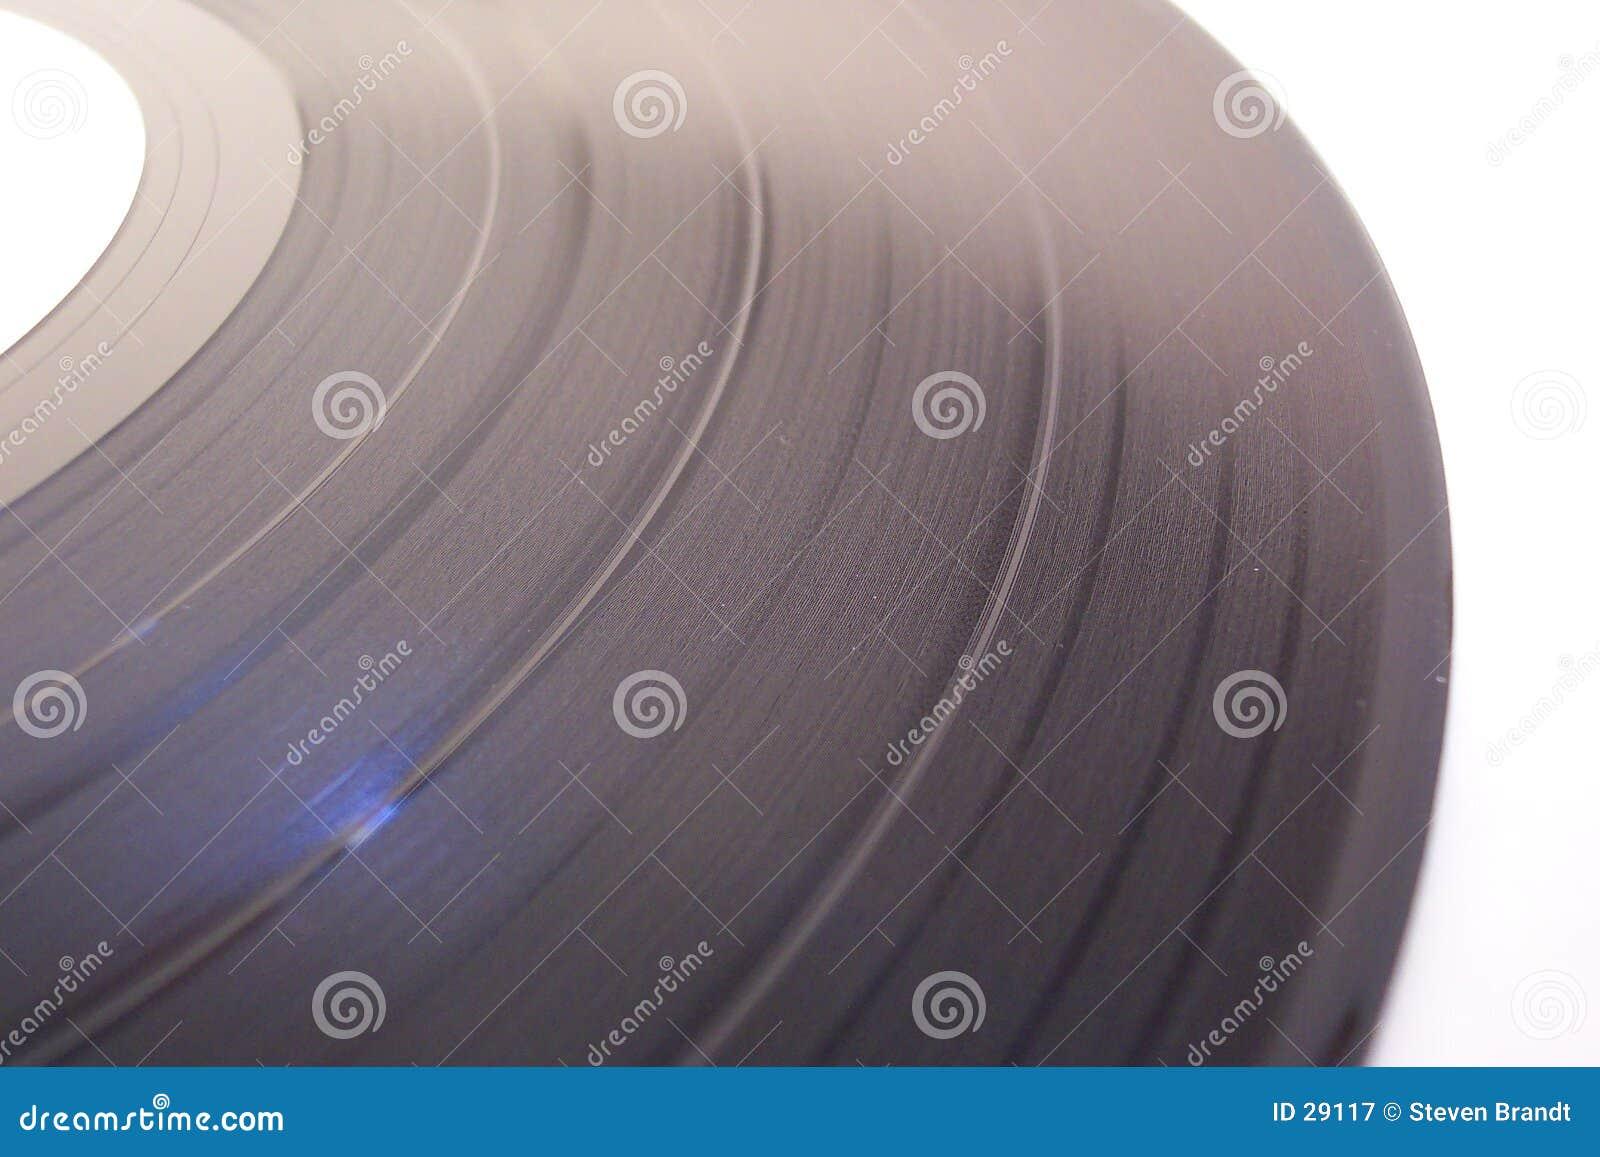 Album record